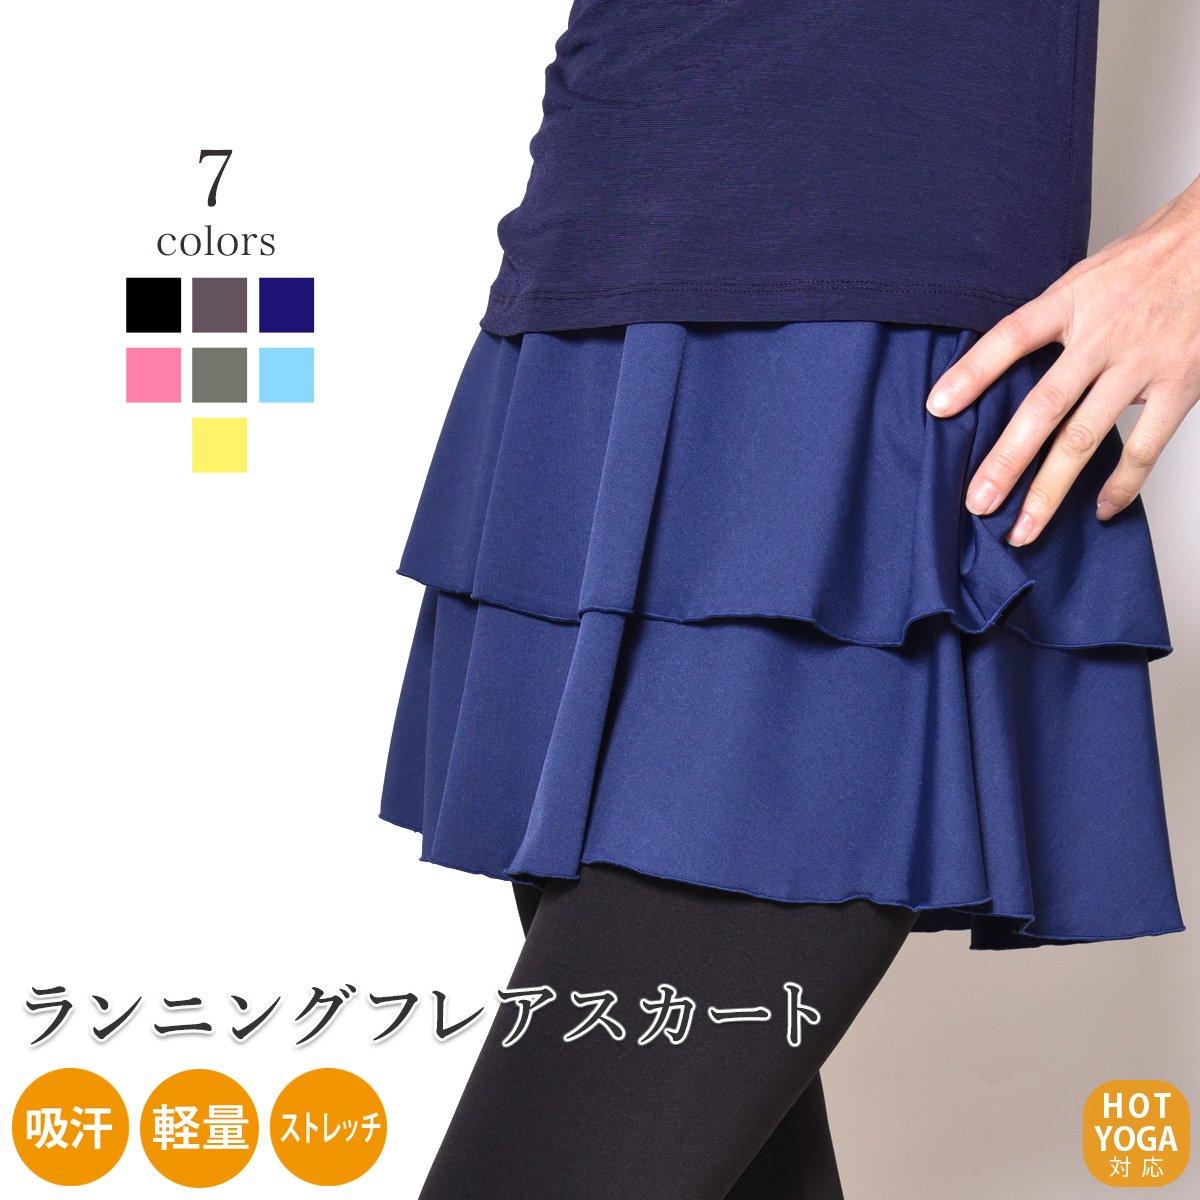 ランニングフレアスカート  吸汗速乾 ウエア ランニング ランニングウェア ミニスカート ランスカ ジョギング ヨガウェア